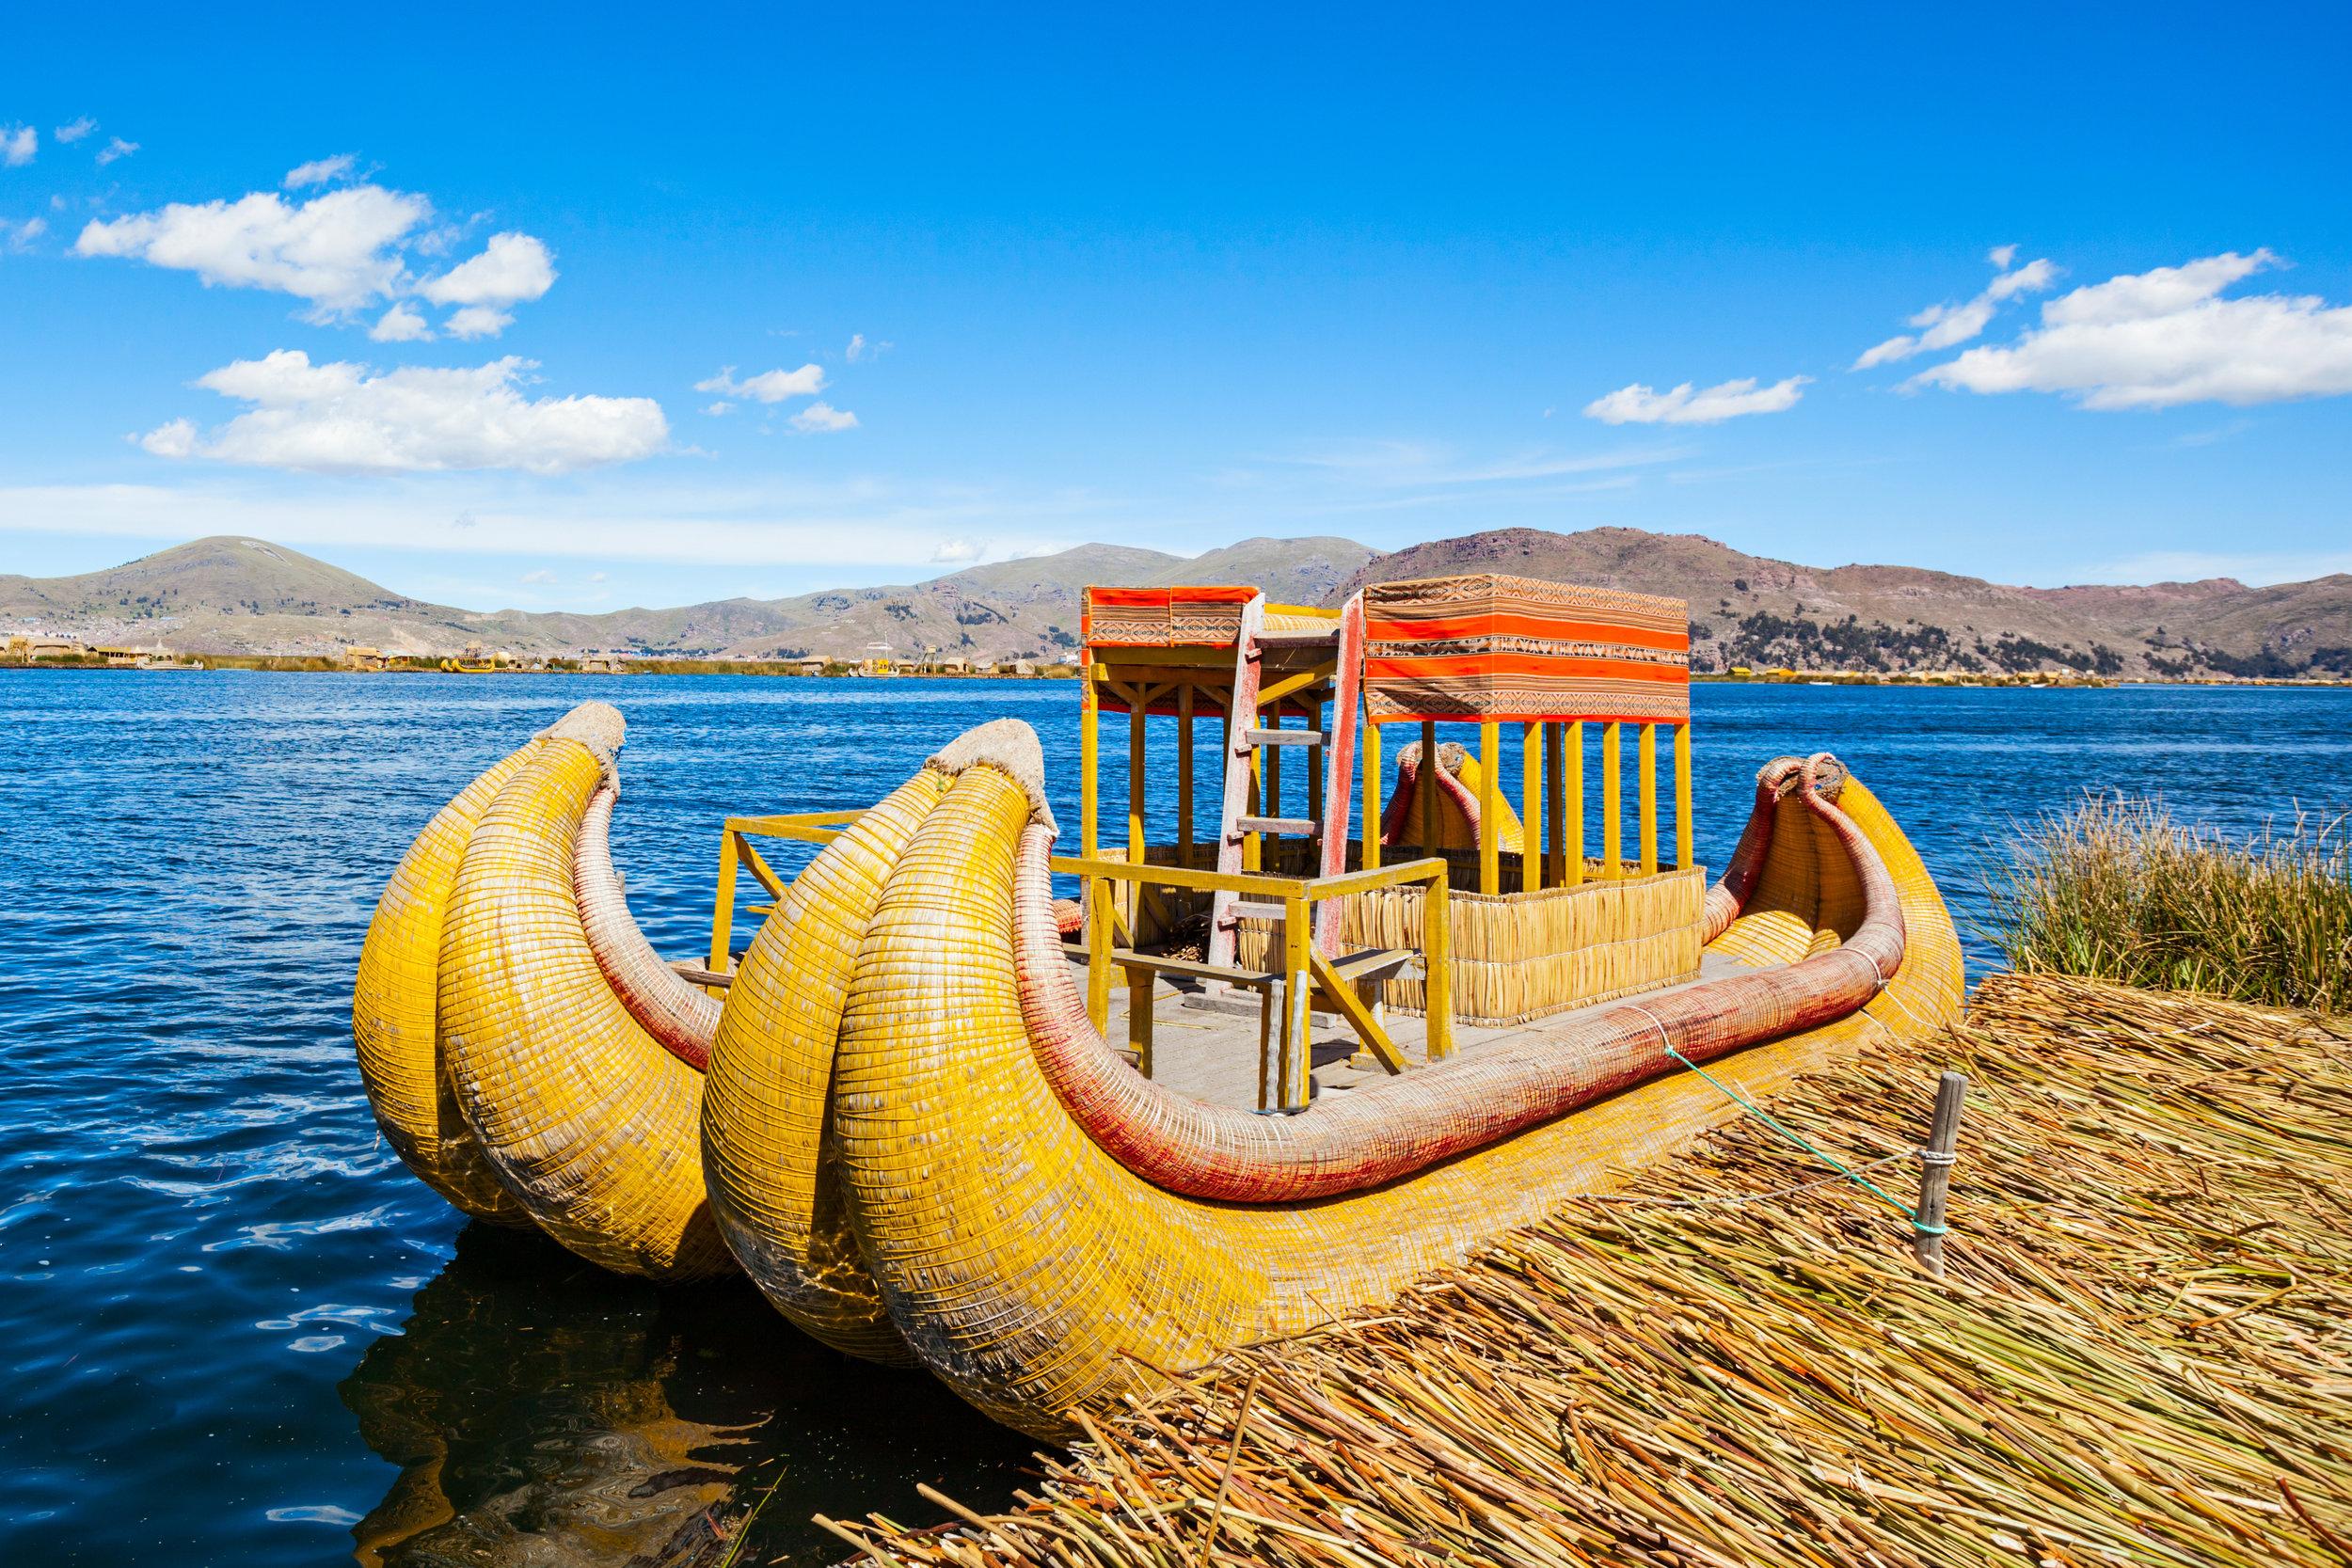 peru_titicaca_bigstock-Totora-Boat-On-The-Titicaca-La-228996256.jpg